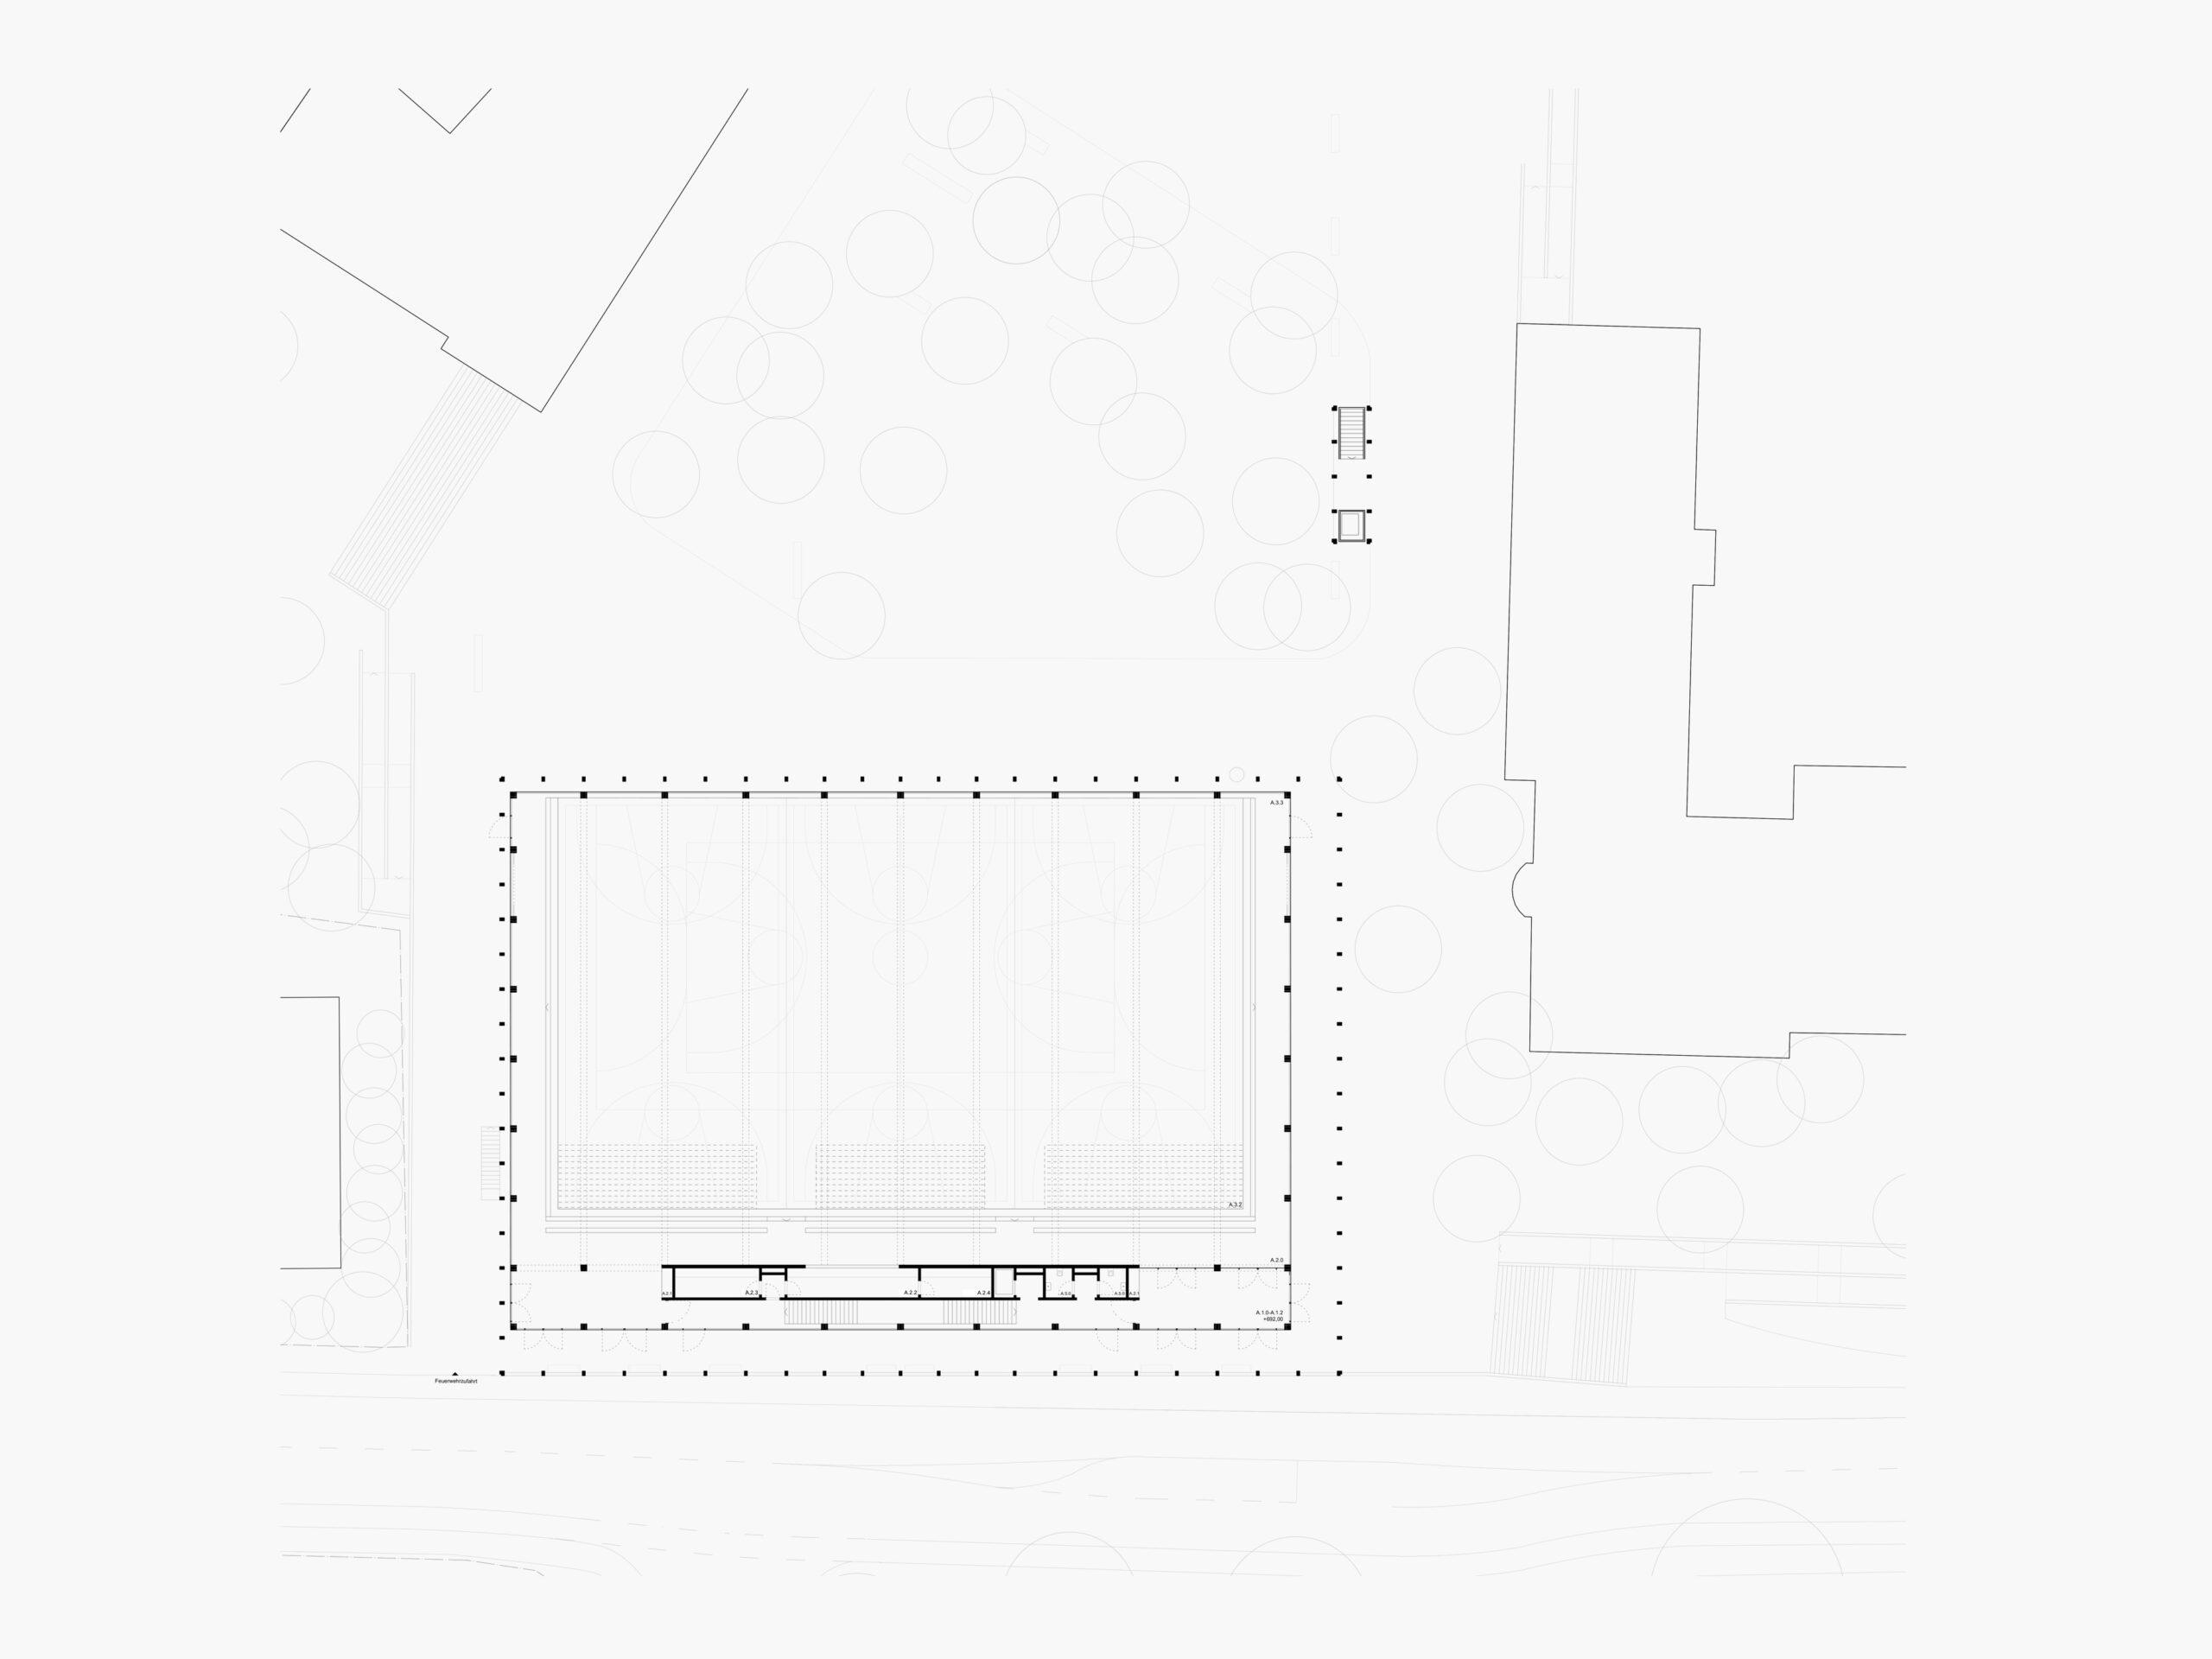 Michael-Becker-Architects-Architekten-3-fach-Turnhalle-Kempten-Grundriss-EG